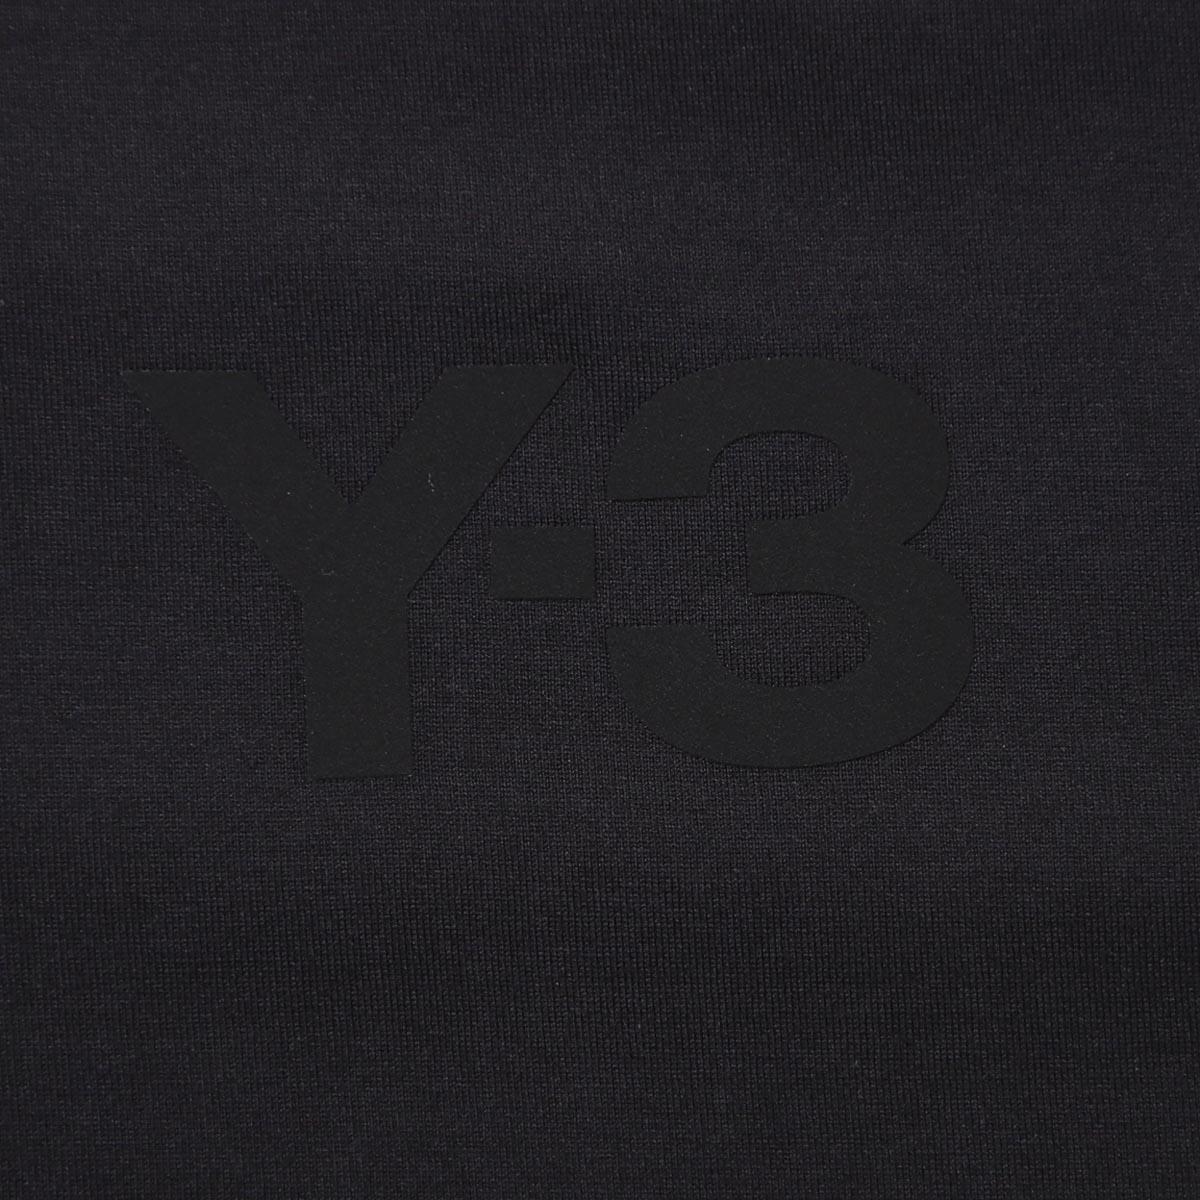 Y-3 ワイスリー クルーネック Tシャツ/M CLASSIC CHEST LOGO SS TEE メンズ